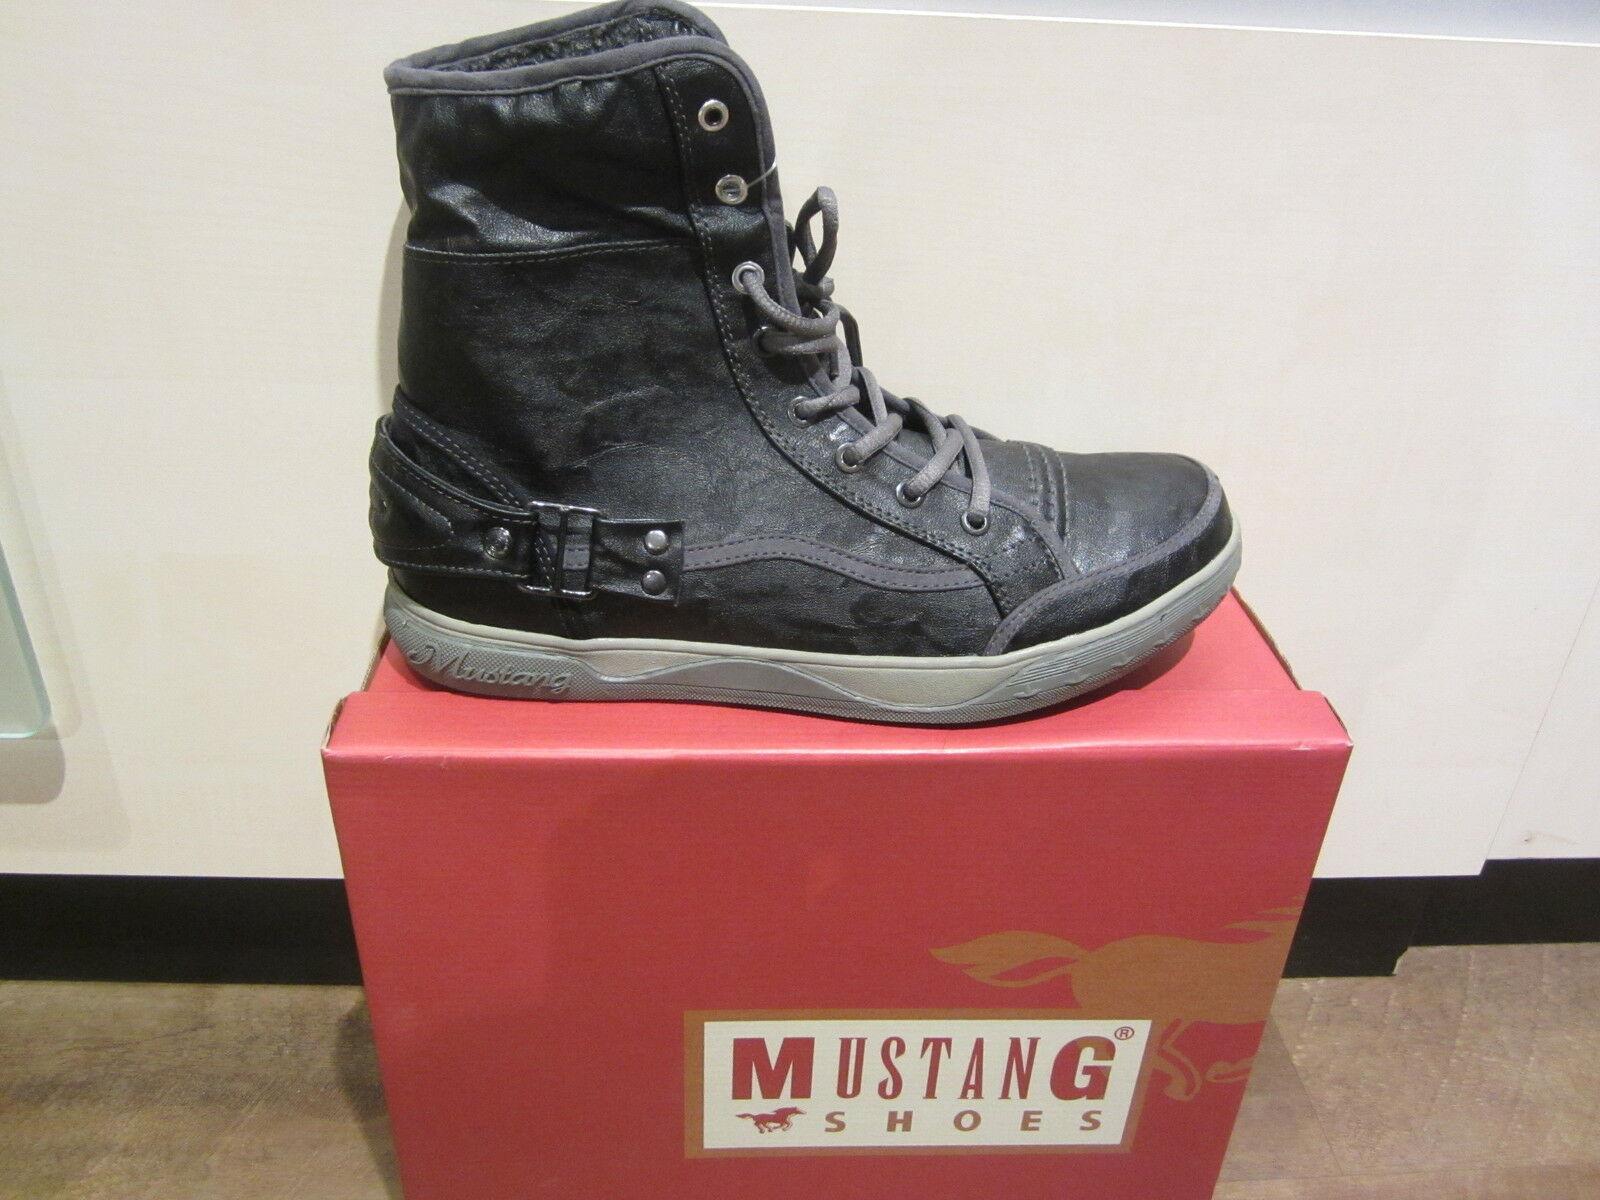 Mustang Stiefel Stiefel Schnürstiefel Winterstiefel schwarz, warm gefüttert NEU